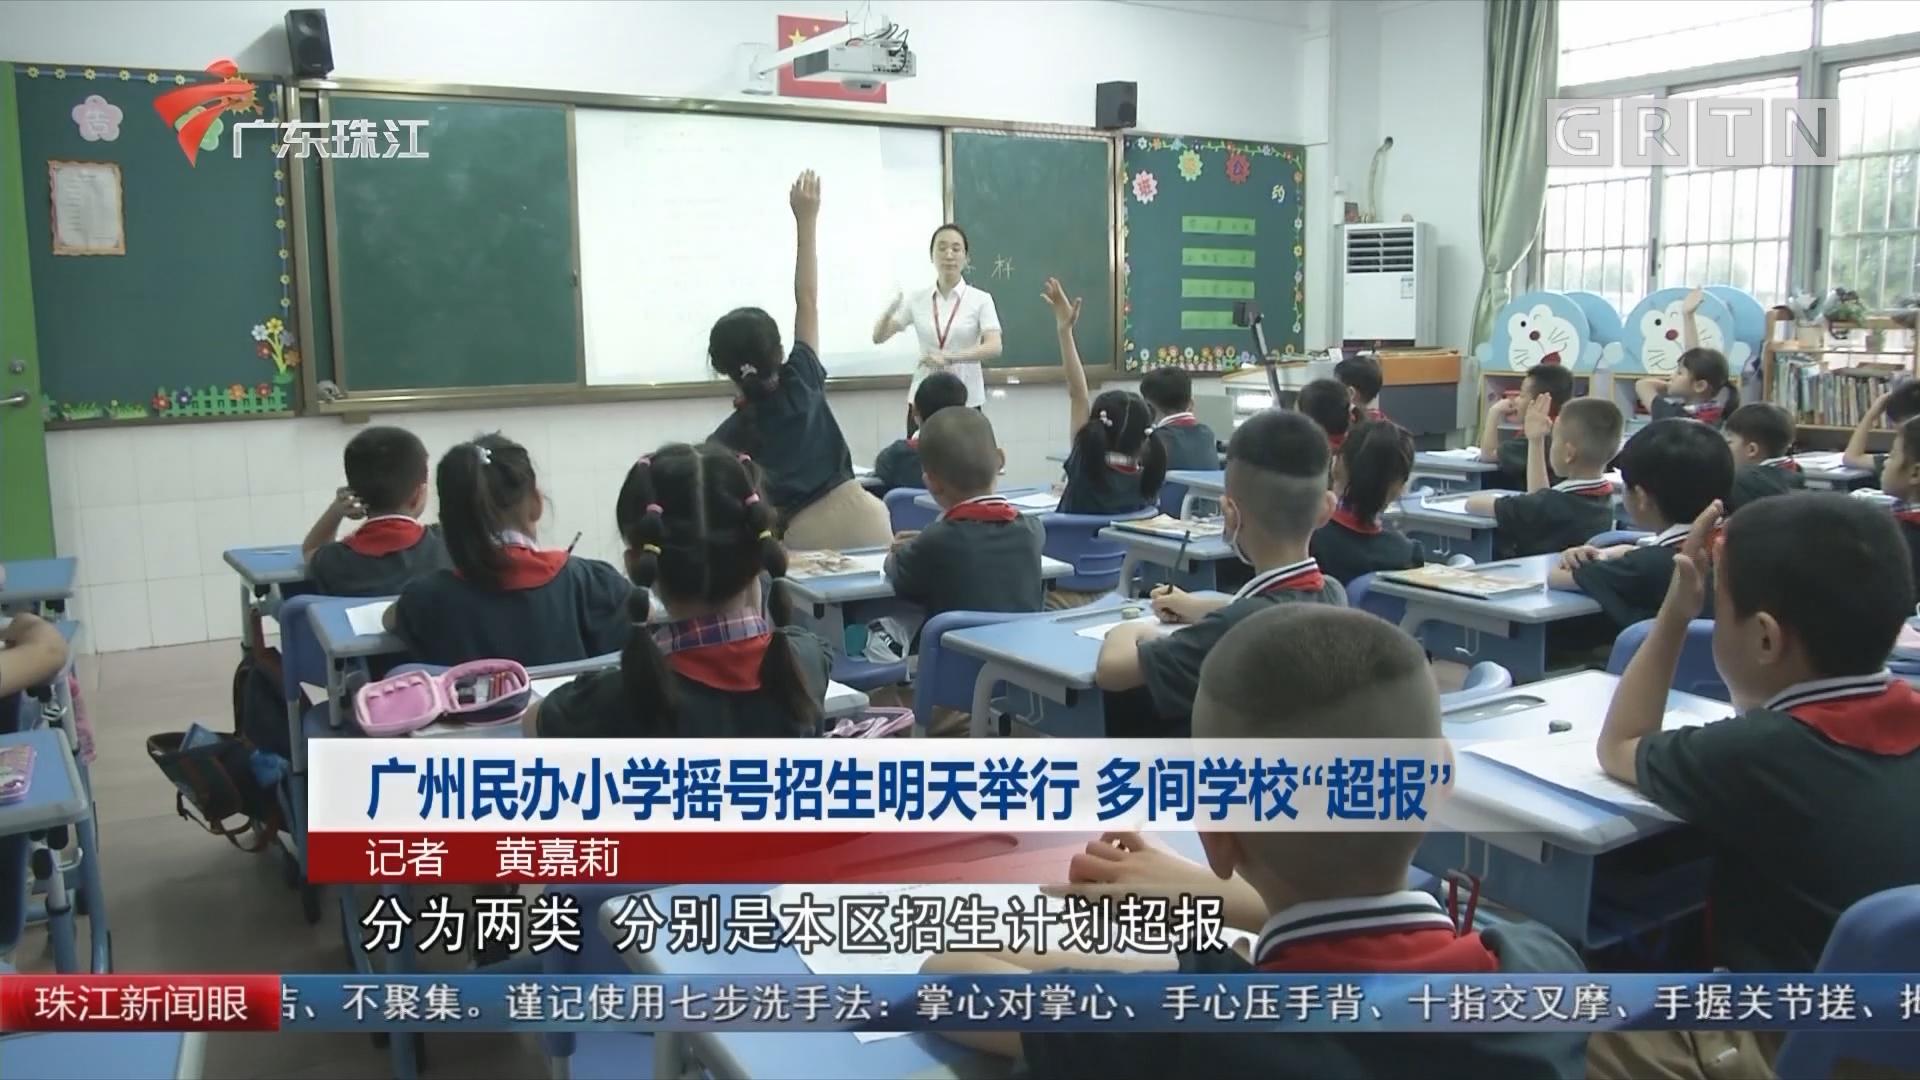 """广州民办小学摇号招生明天举行 多间学校""""超报"""""""